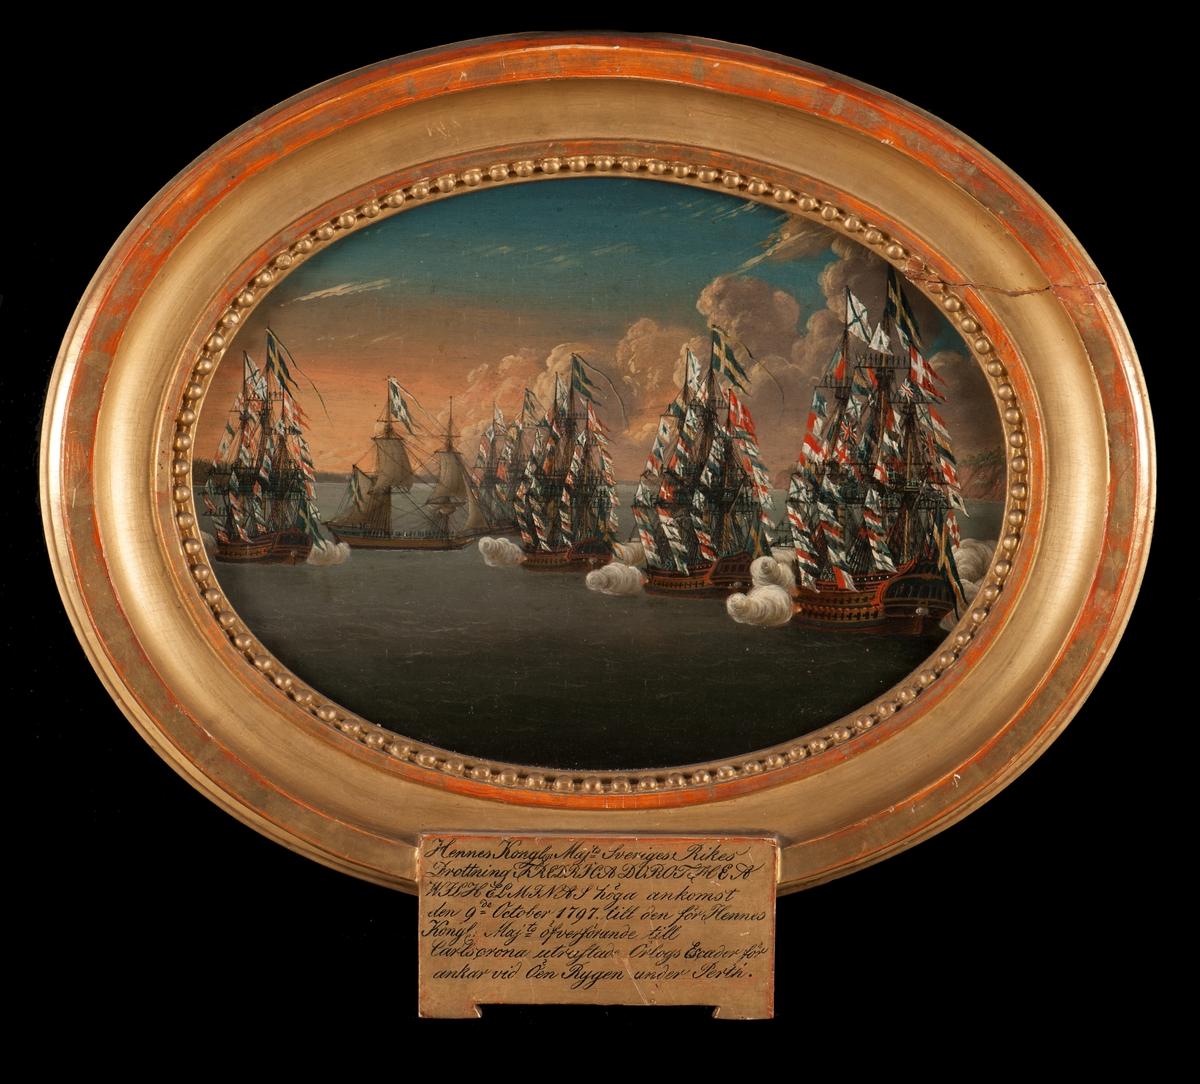 """""""Hennes Kongl. Maj:ts Sveriges Rikes Drottning Frederika Dorothea Wilh. höga ankomst den 9 Oct. 1797 till den för Hennes Kongl Maj:ts överförande till Carlskrona utrustade Örlogs Escadre, för ankar vid Öen Rugen under Perth."""""""